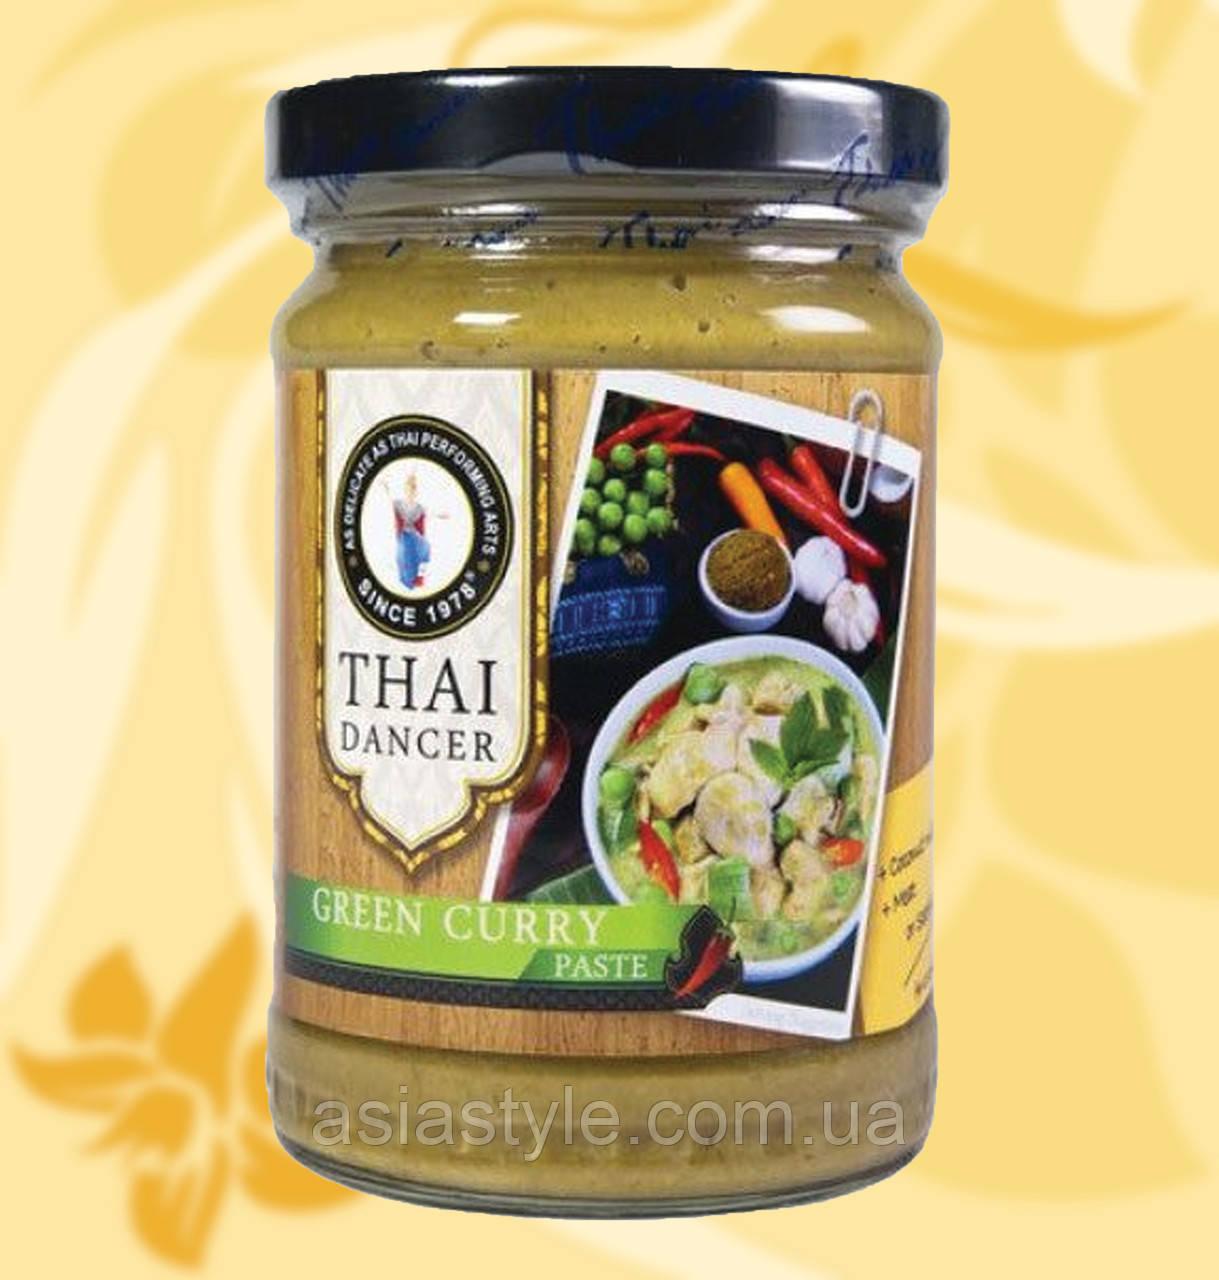 Карі паста зелена, Thai Dancer, 227г, Дж